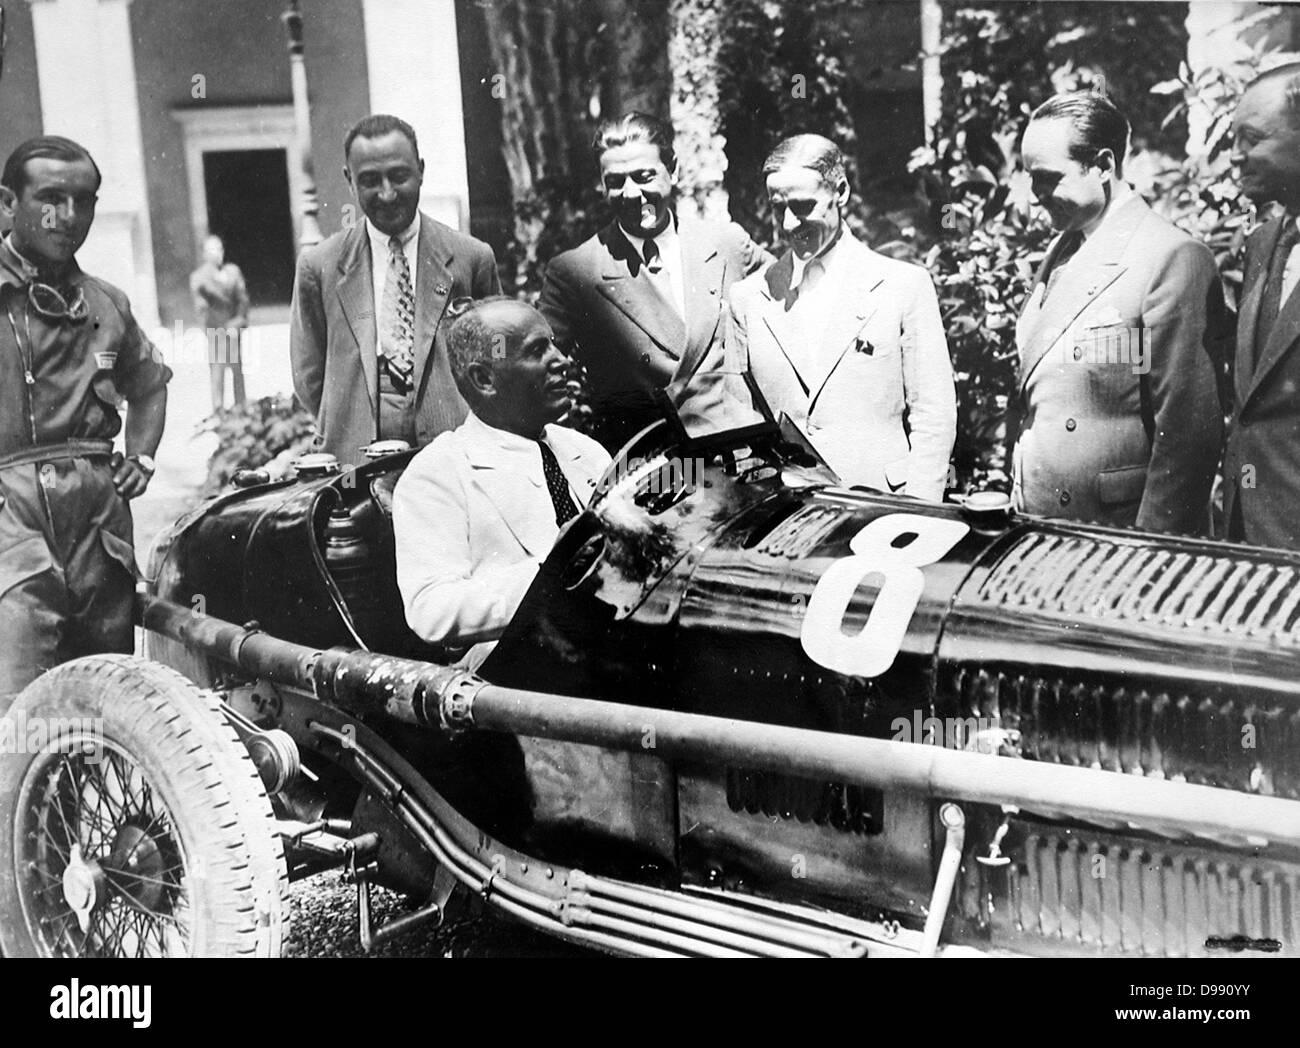 Mussolini ein Alfa Romeo Rennwagen fahren. In der Mitte Prospero Gianferrari. 1930.s Stockbild